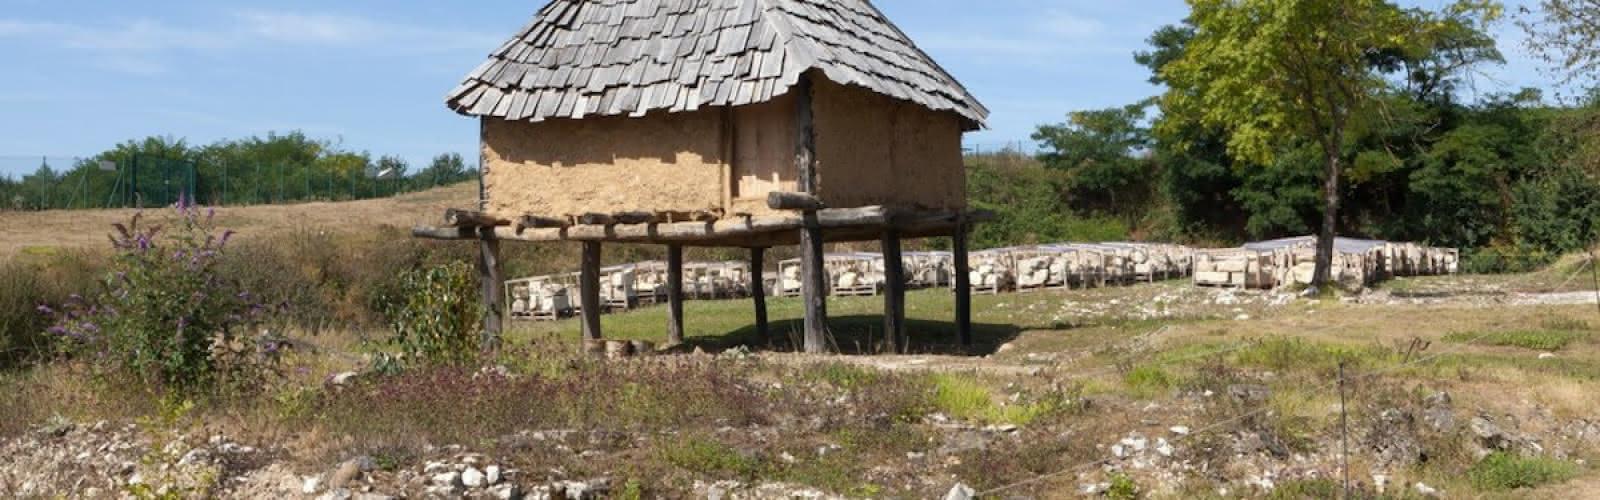 Site archéologique d'Orville